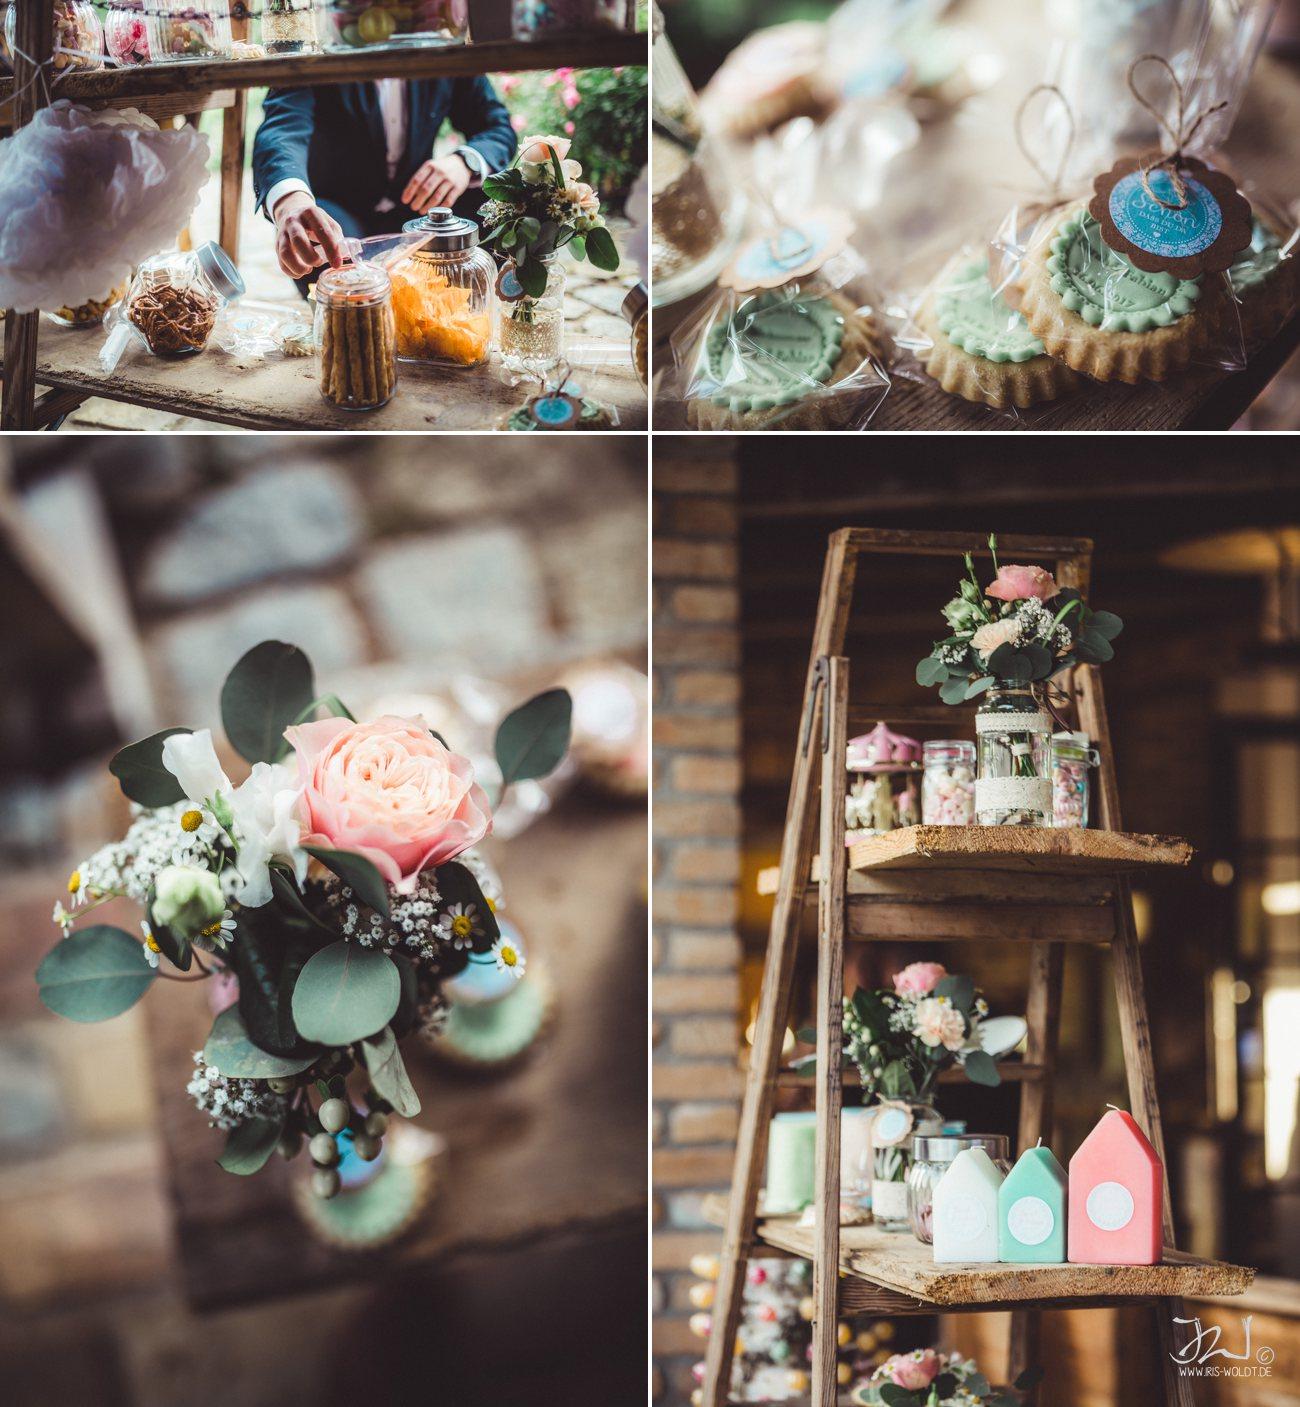 Hochzeitsfotograf_Altthymen_MuehleTornow_IrisWoldt 101